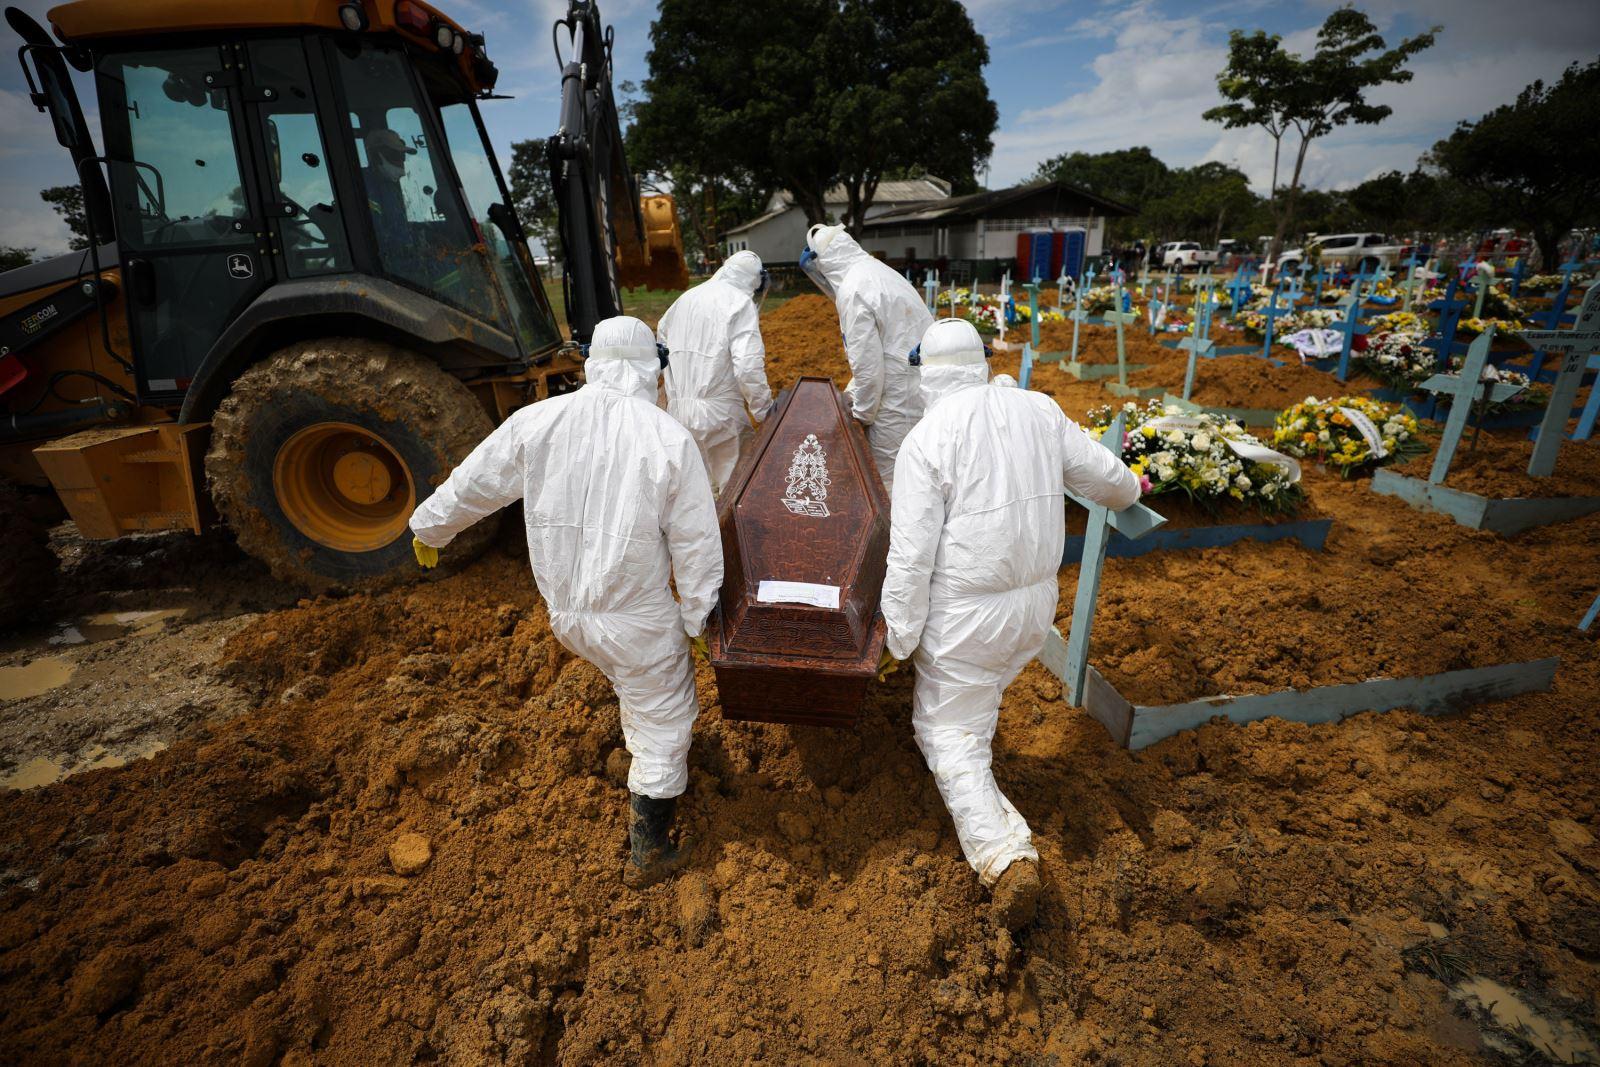 Nhân viên nghĩa trang khiêng thi thể nạn nhân tử vong vì COVID-19 ở Manaus, Brazil ngày 15-1-2021. Ảnh: Getty Images